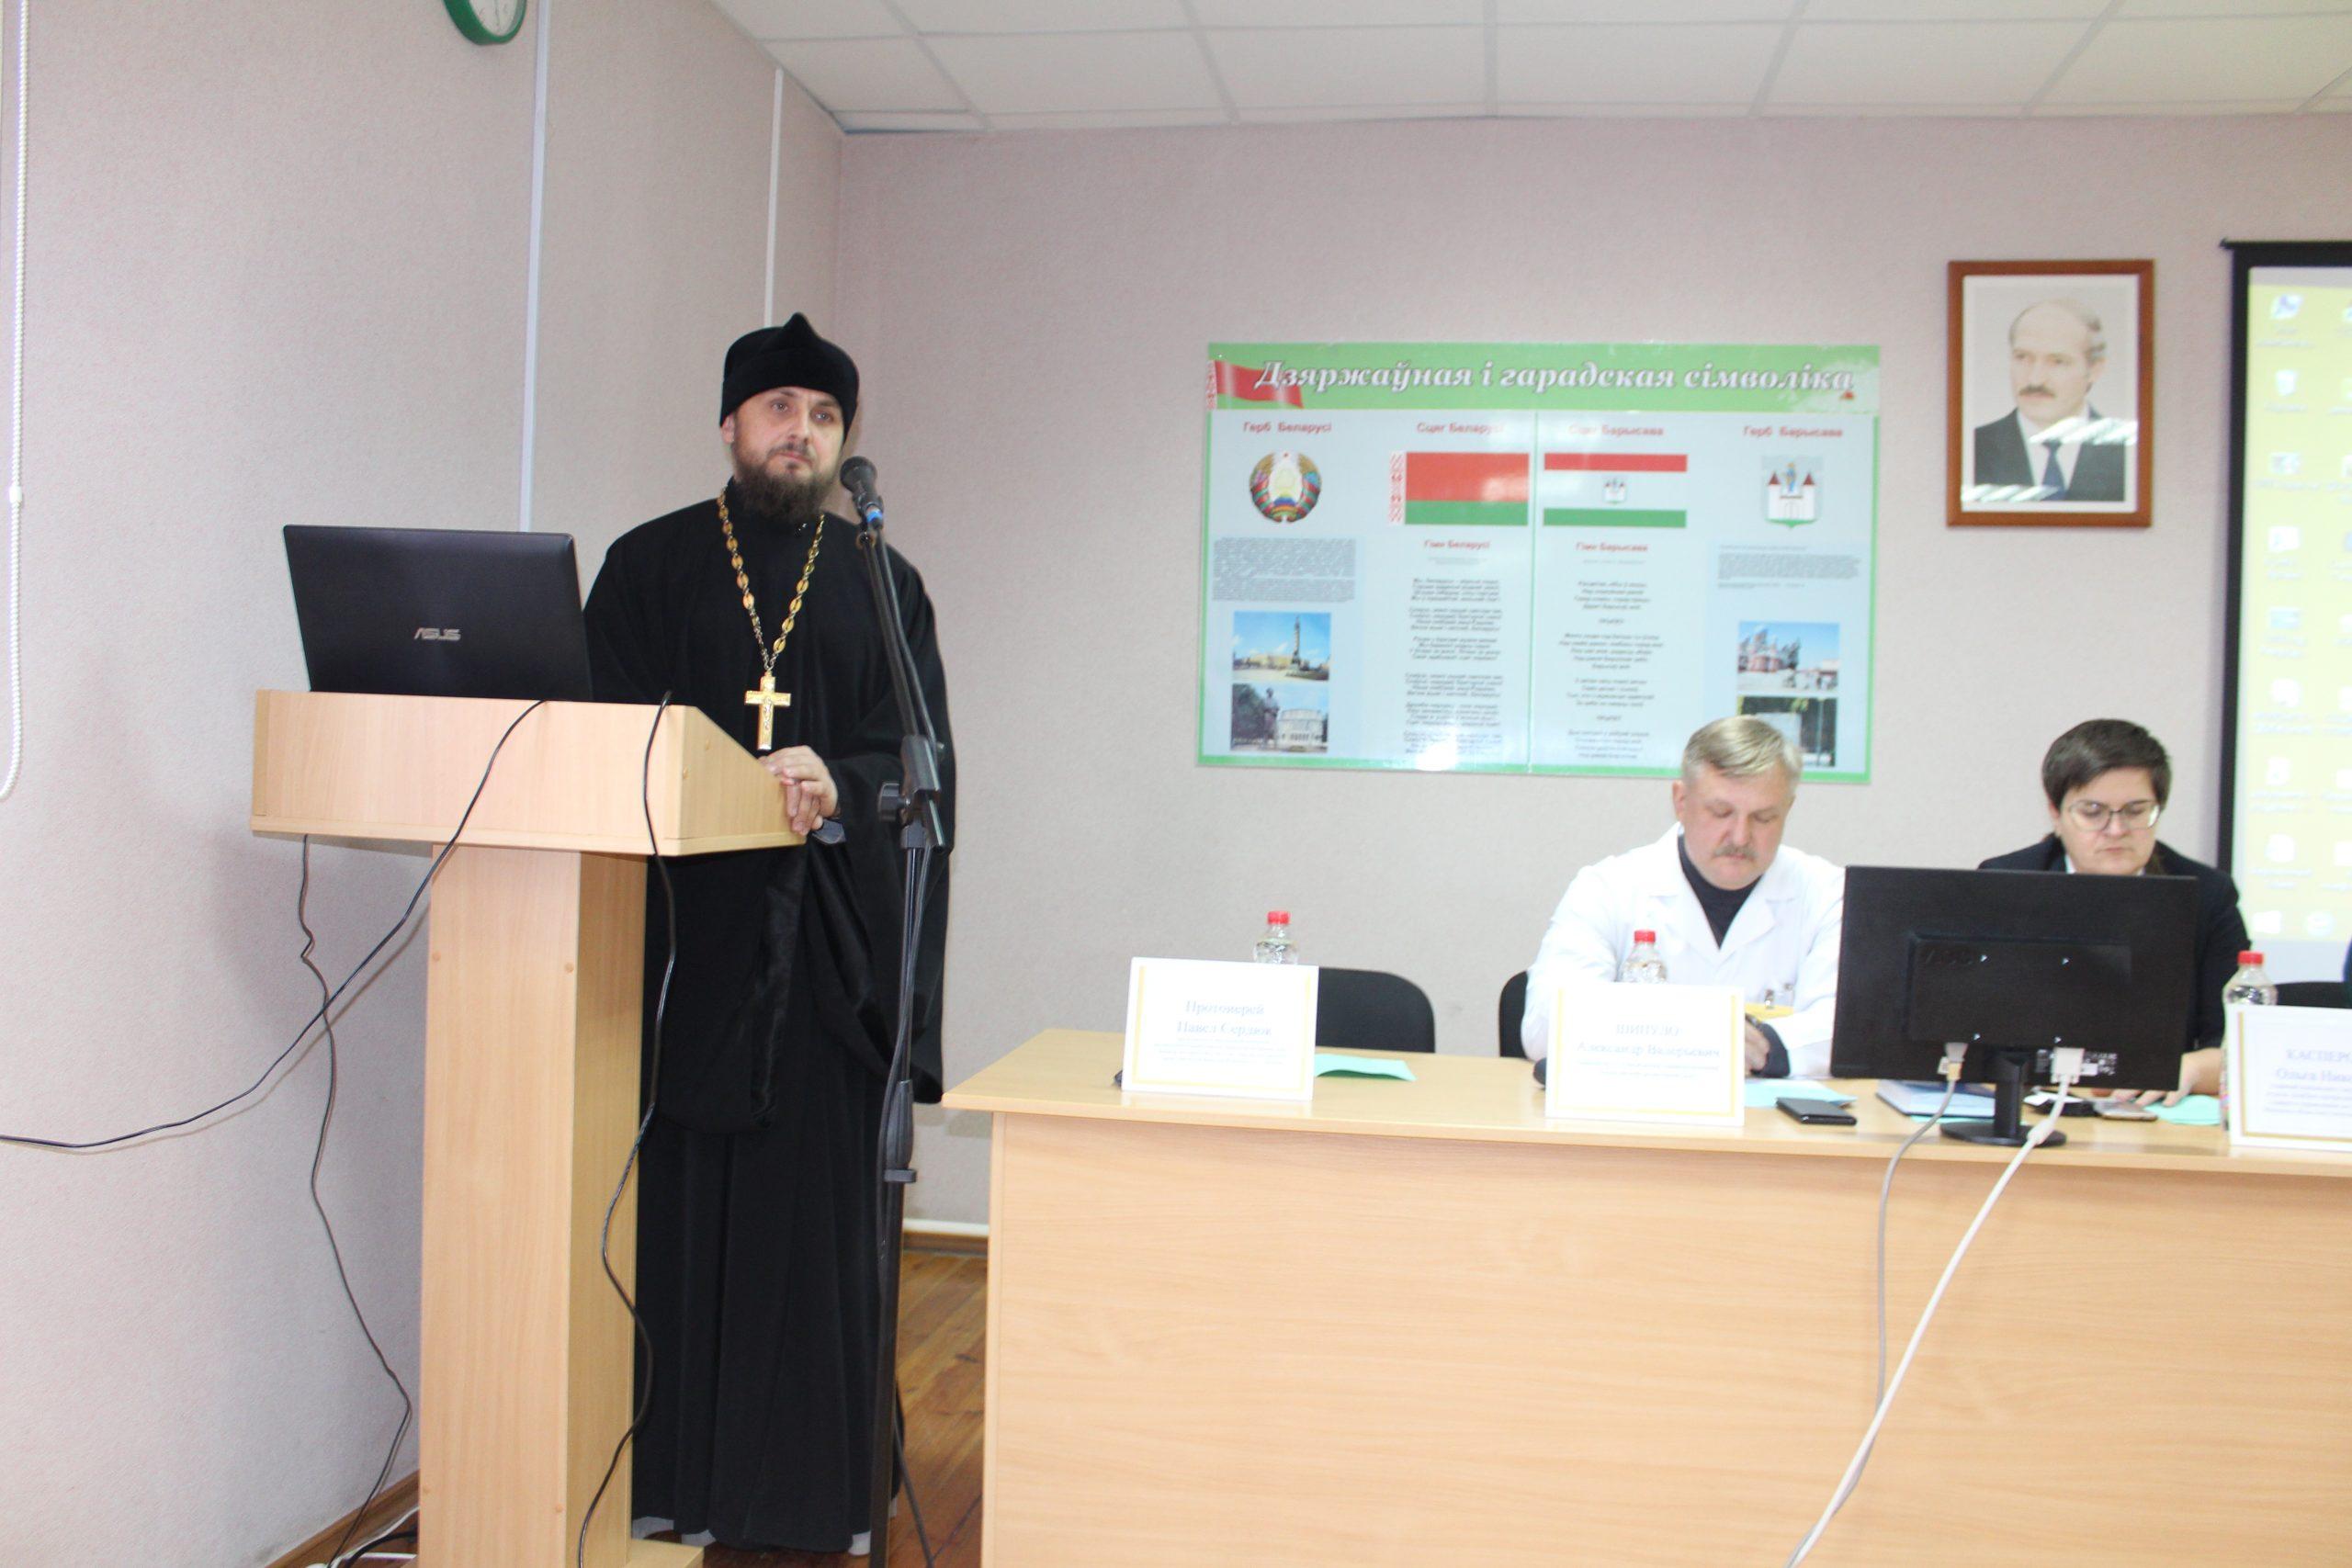 Рождественские чтения в Борисове объединили медиков, священнослужителей и волонтёров